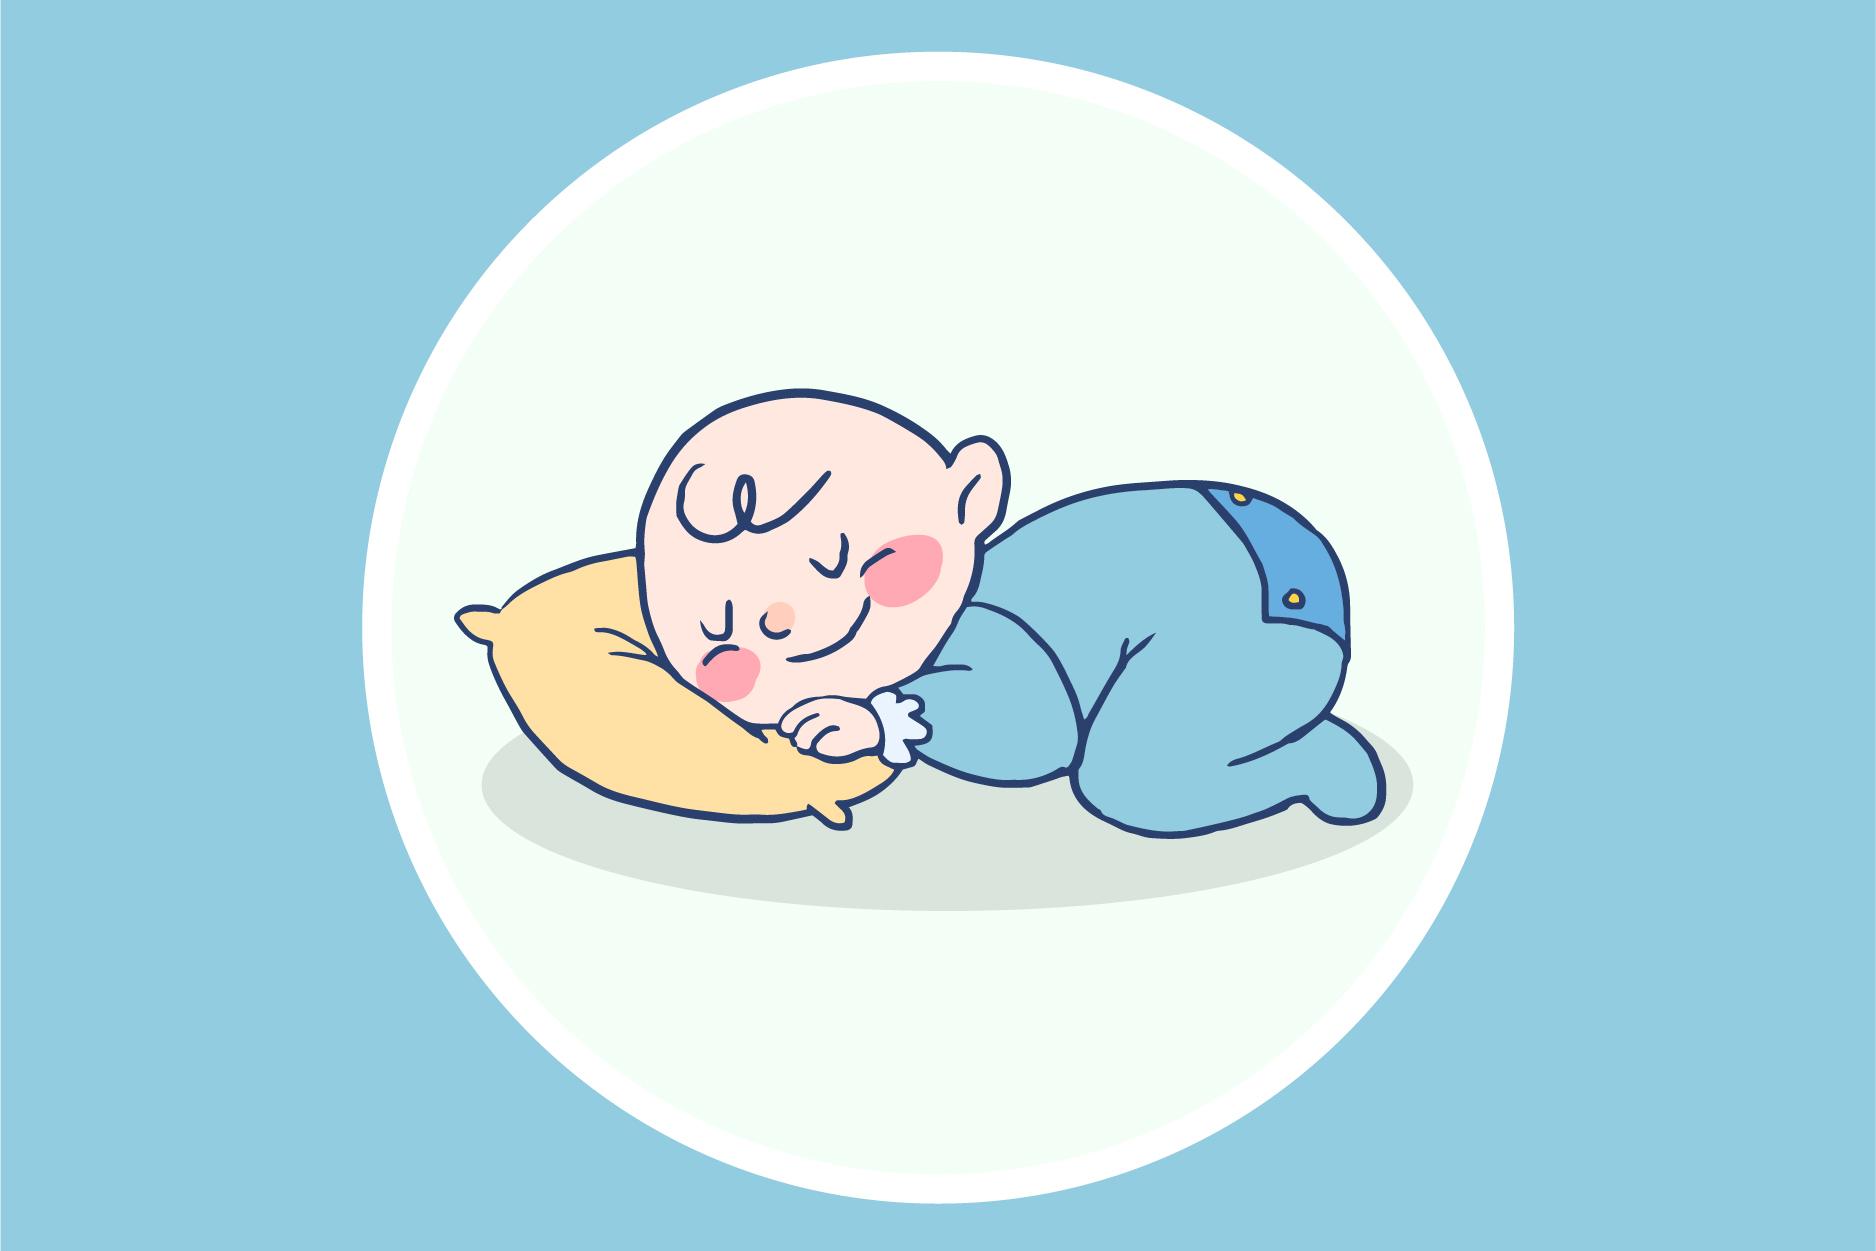 减肥福音!睡觉也能燃烧卡路里